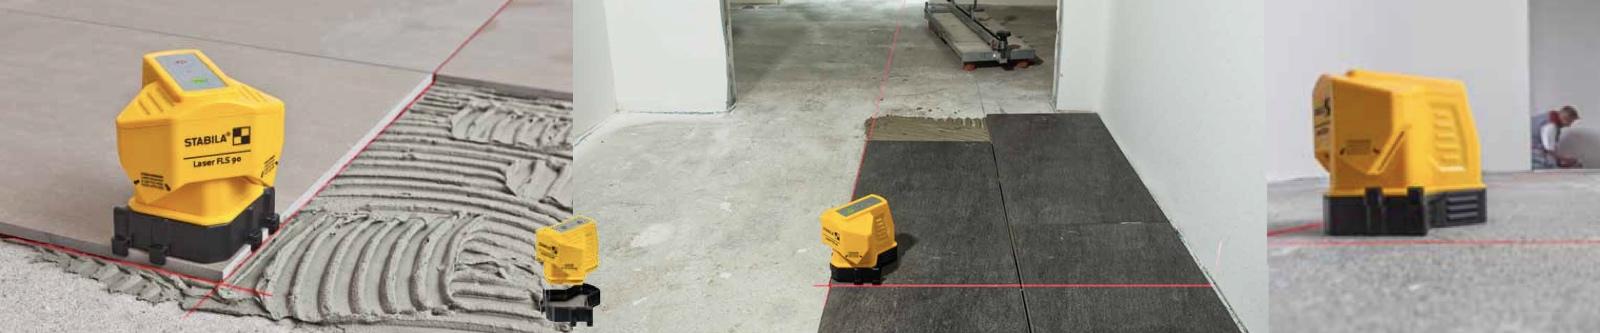 Ứng dụng lót sàn gạch, ốp gỗ của máy ke góc vuông bằng laser FLS90